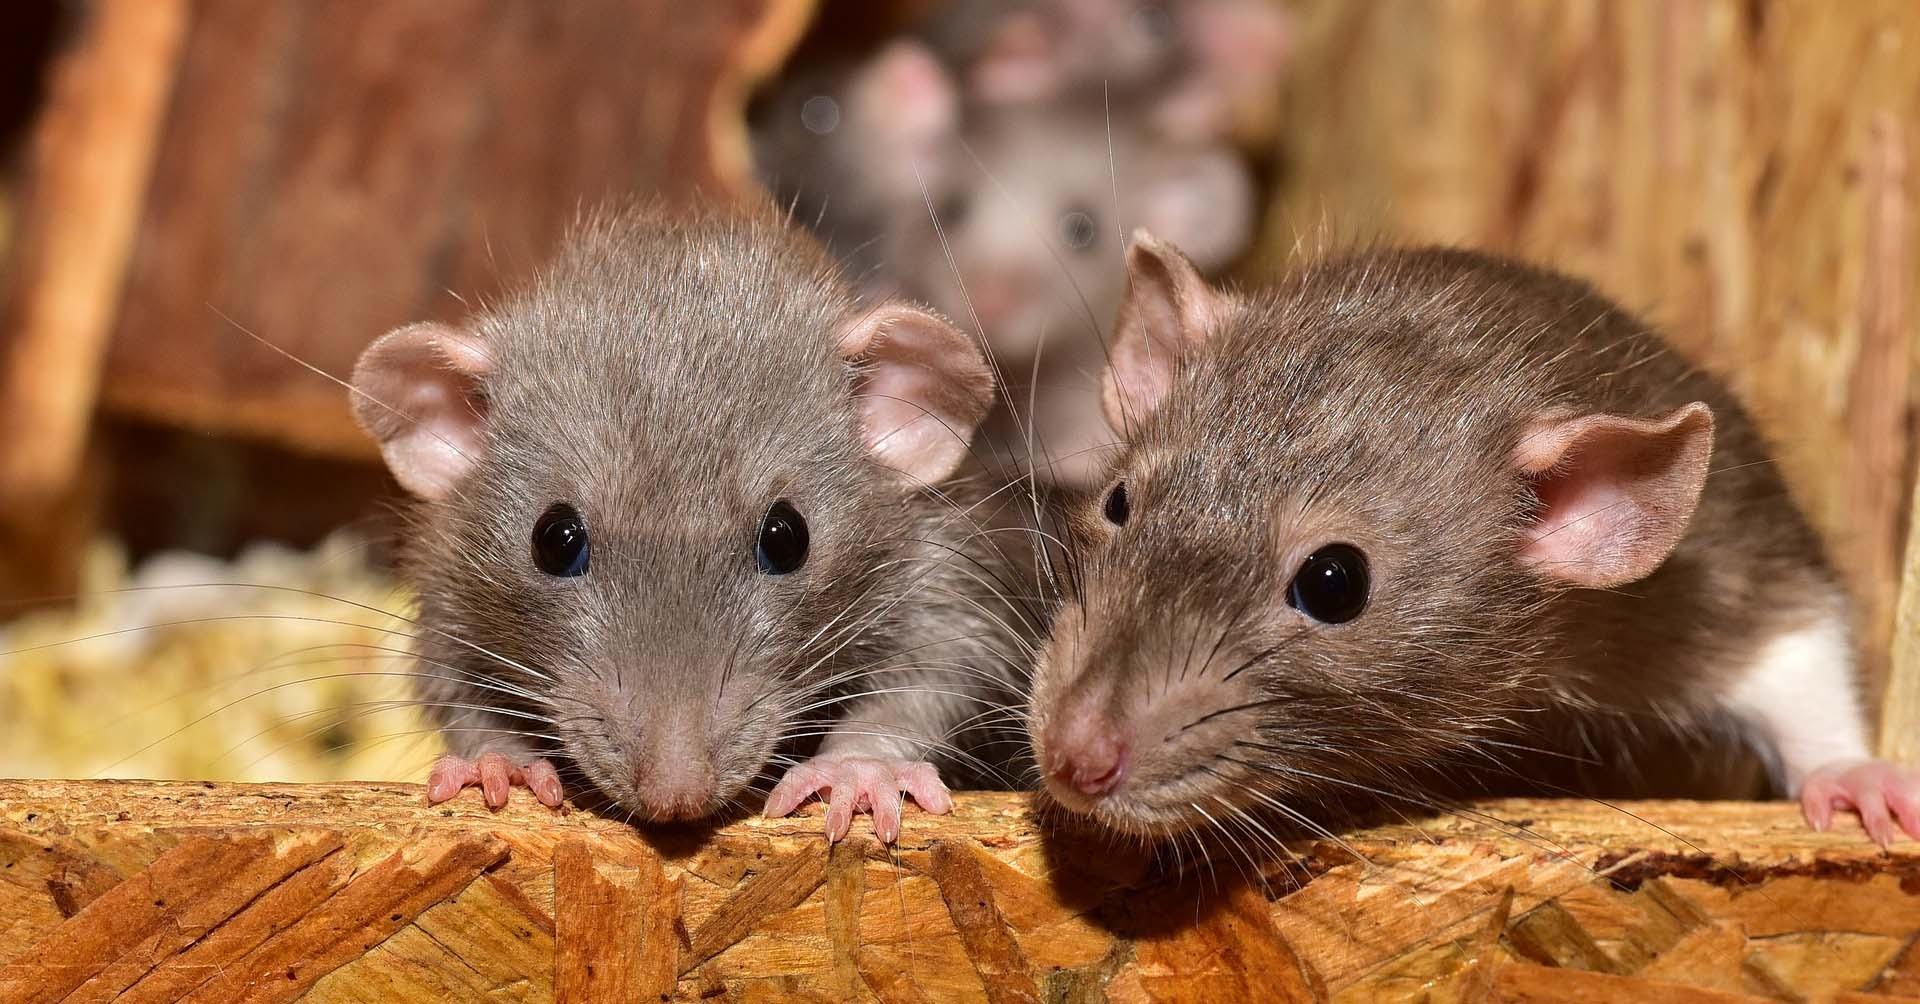 Imagen de ratones en el post eliminación de roedores en entornos agrícolas y ganaderos | Zotal